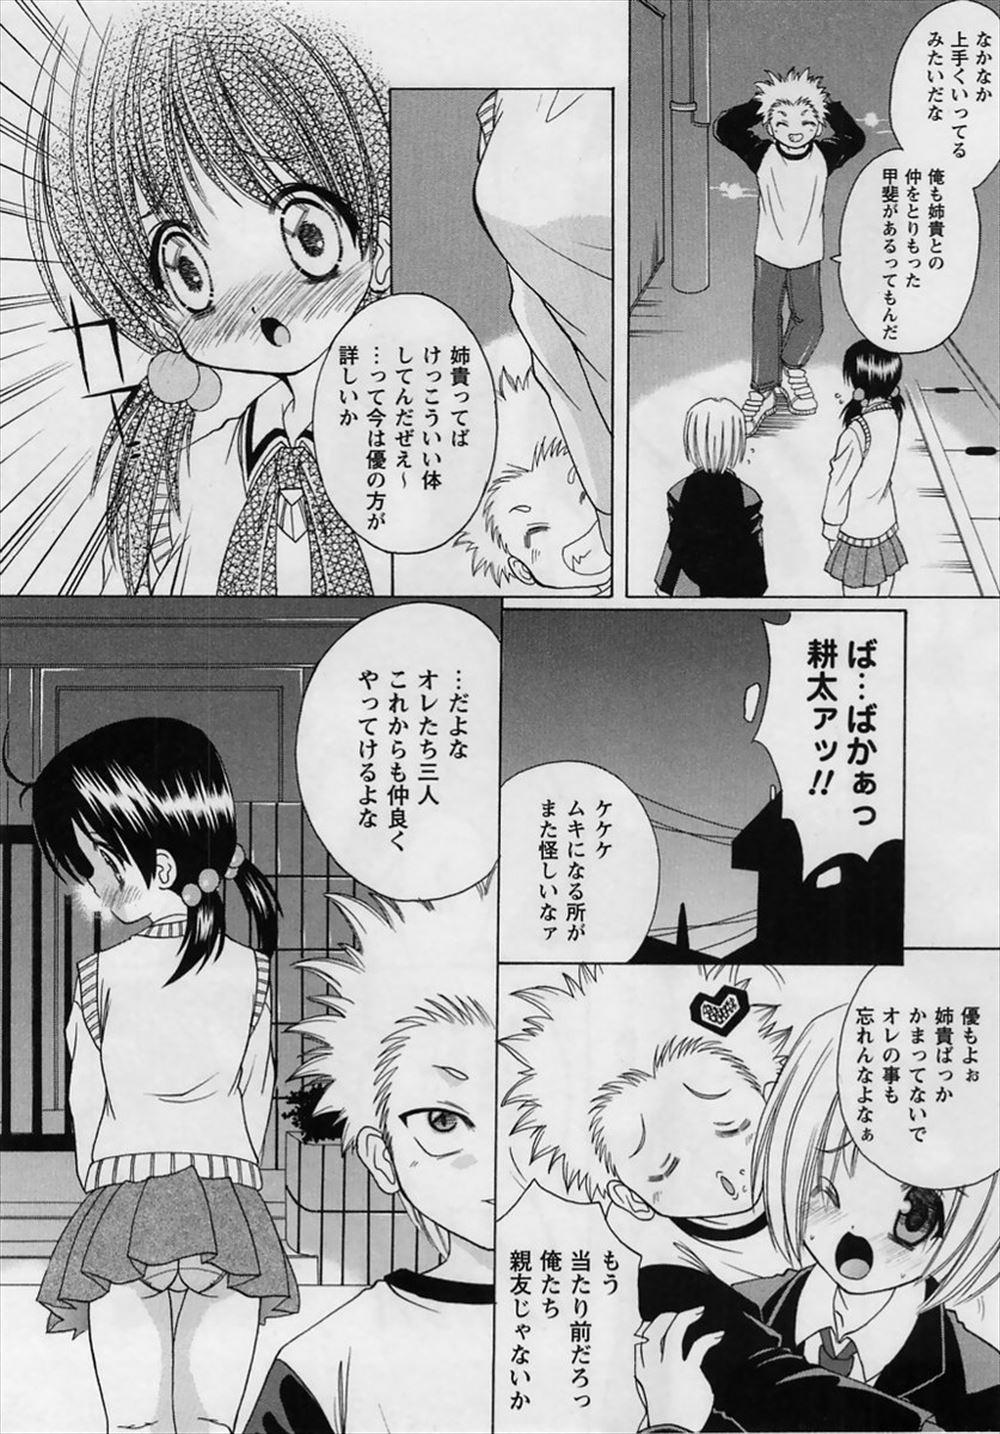 【エロ漫画同人誌】友達とロリカワな姉をくっつけた耕太は実は姉と身体の関係で友達とセックスしたばかりの姉に中出しするwwww 002